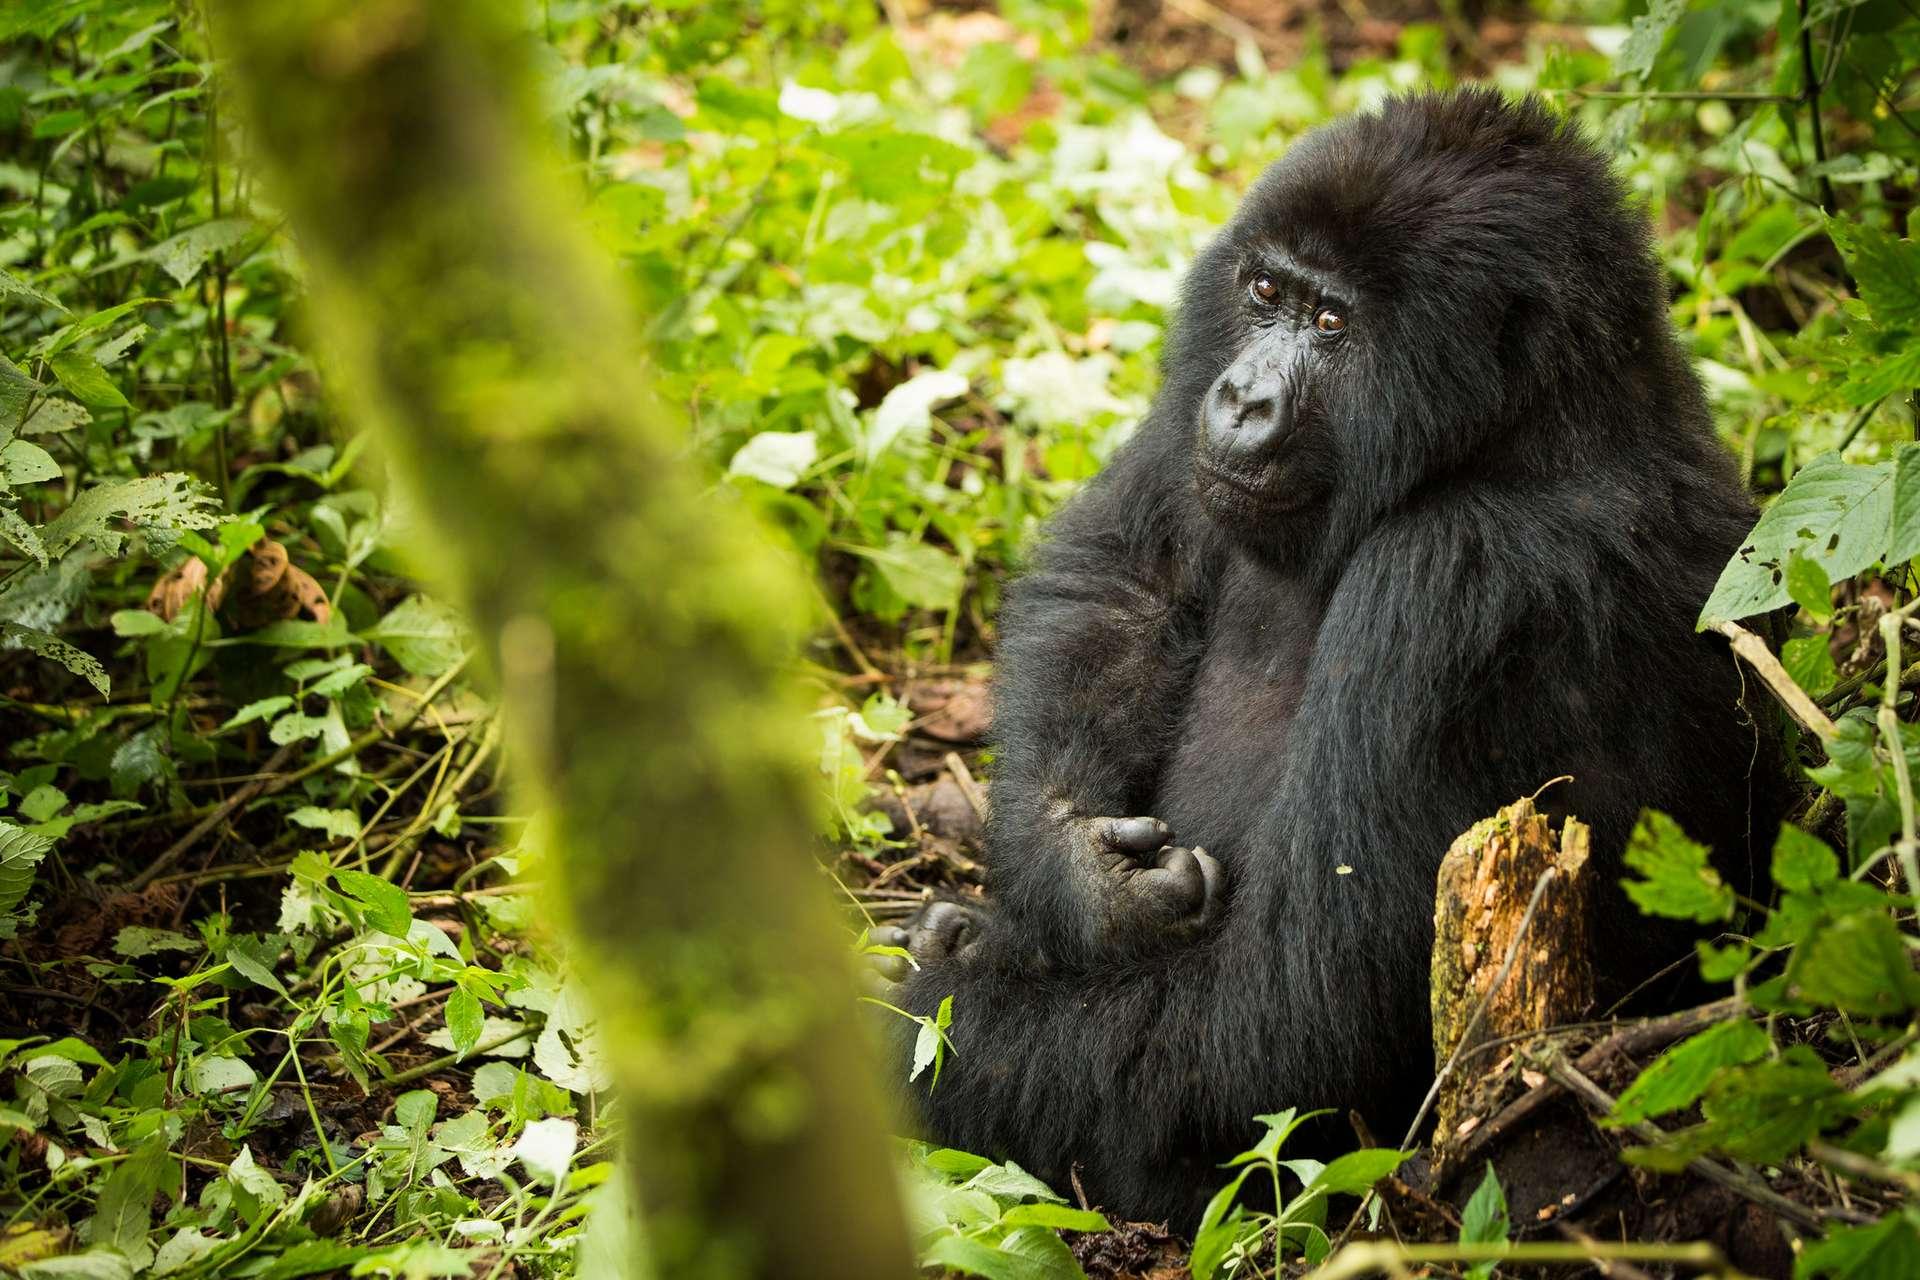 Quatre gorilles des montagnes ont été foudroyés dans le parc national de Mgahinga en Ouganda. © Joseph King, Flickr